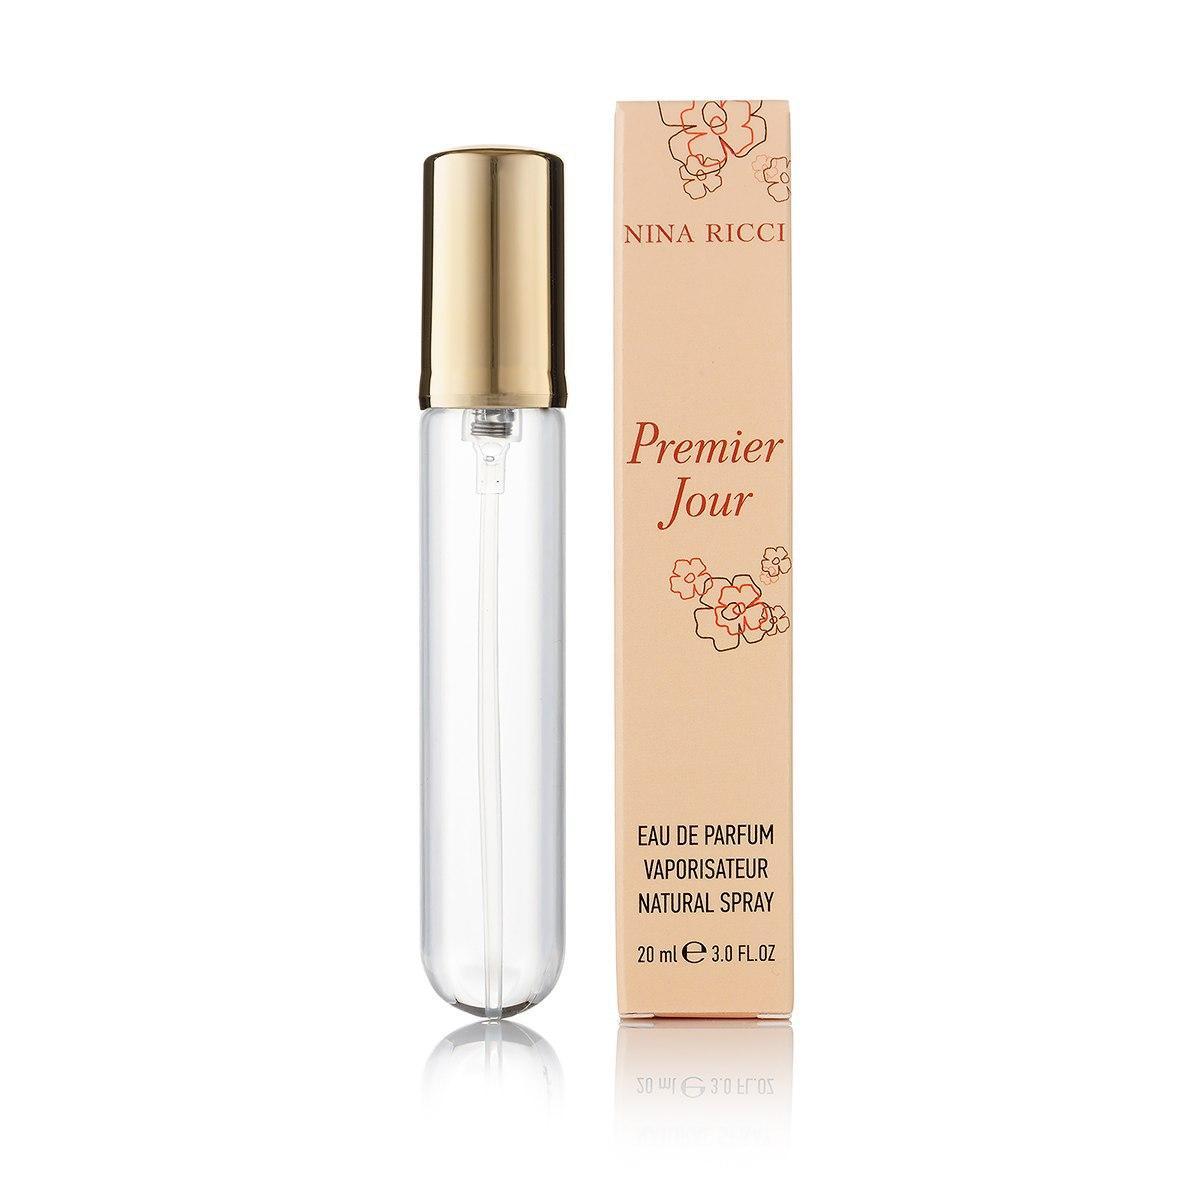 Женский мини парфюм спрей Nina Ricci Premier Jour - 20 мл